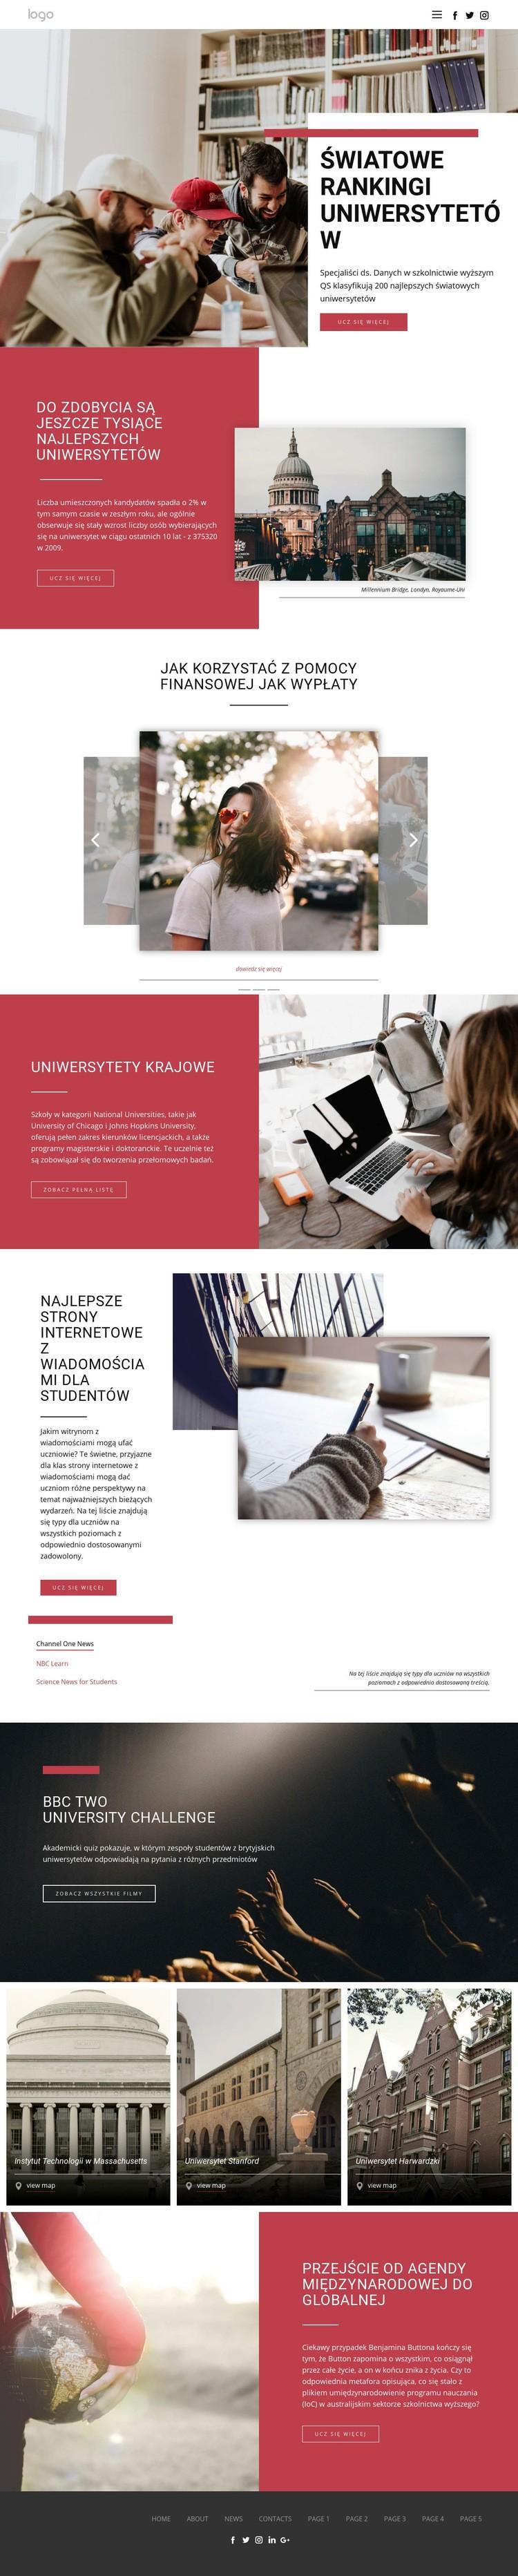 Ranking szkolnictwa wyższego Szablon witryny sieci Web